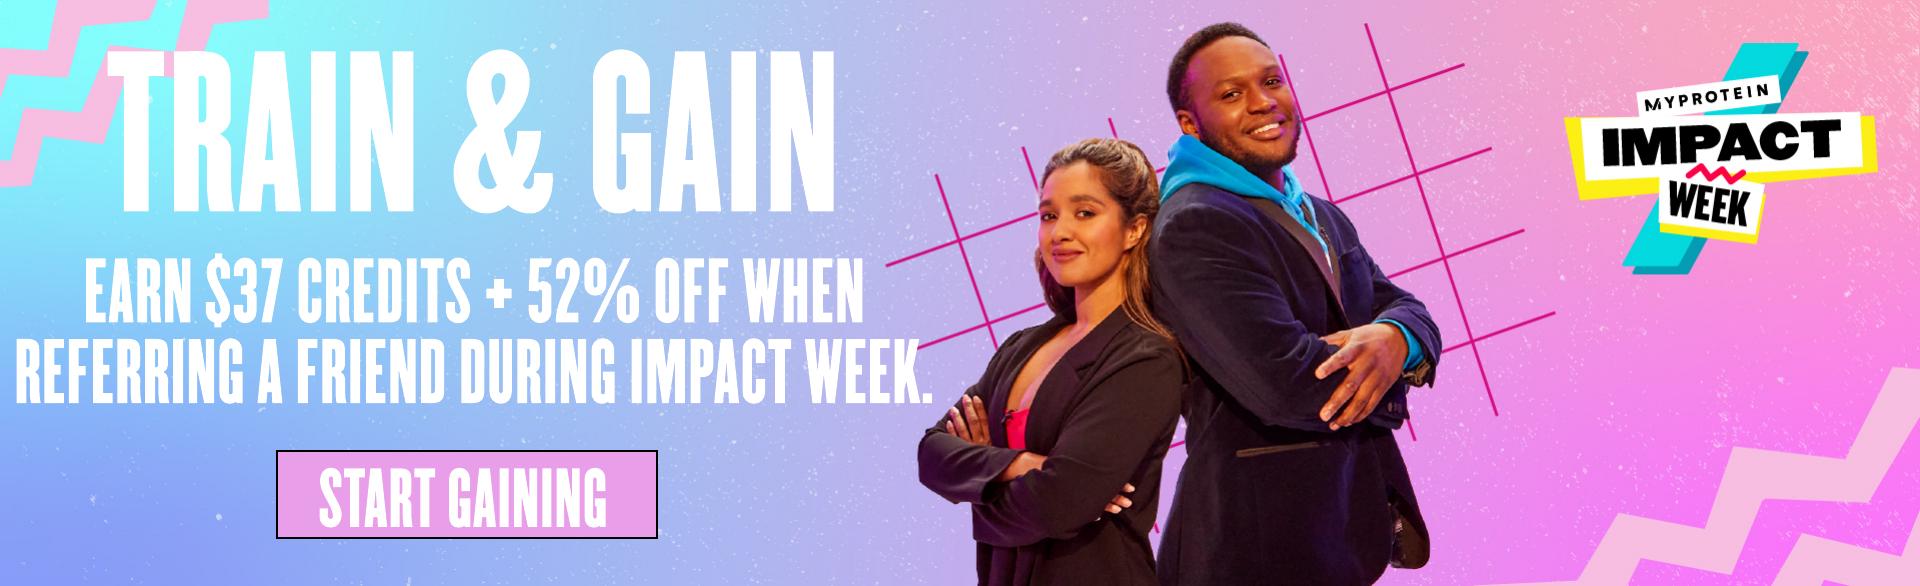 Impact Week Train & Gain